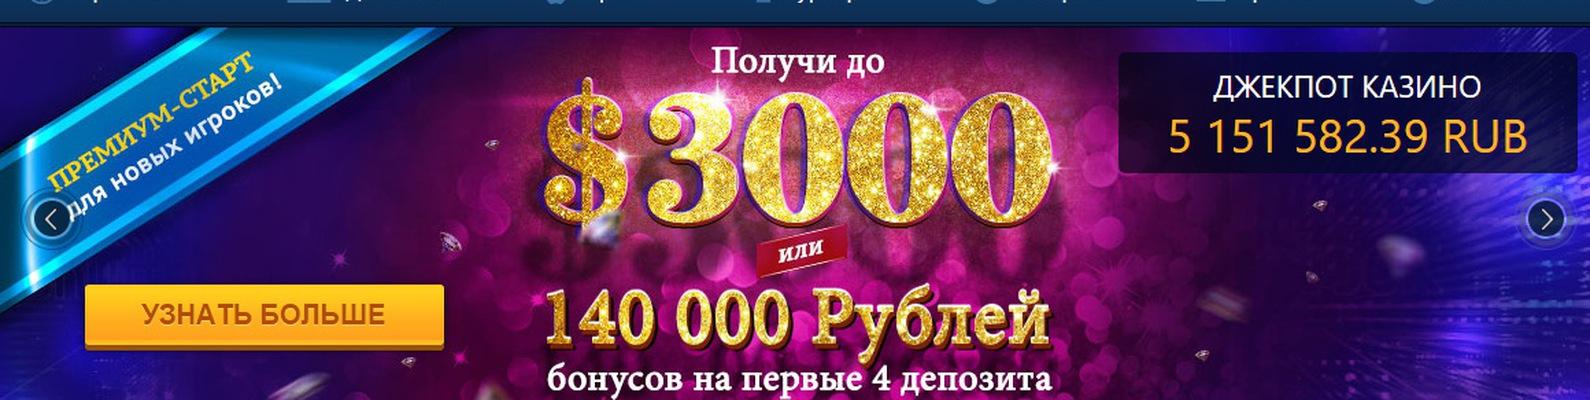 казино победа бездепозитный бонус